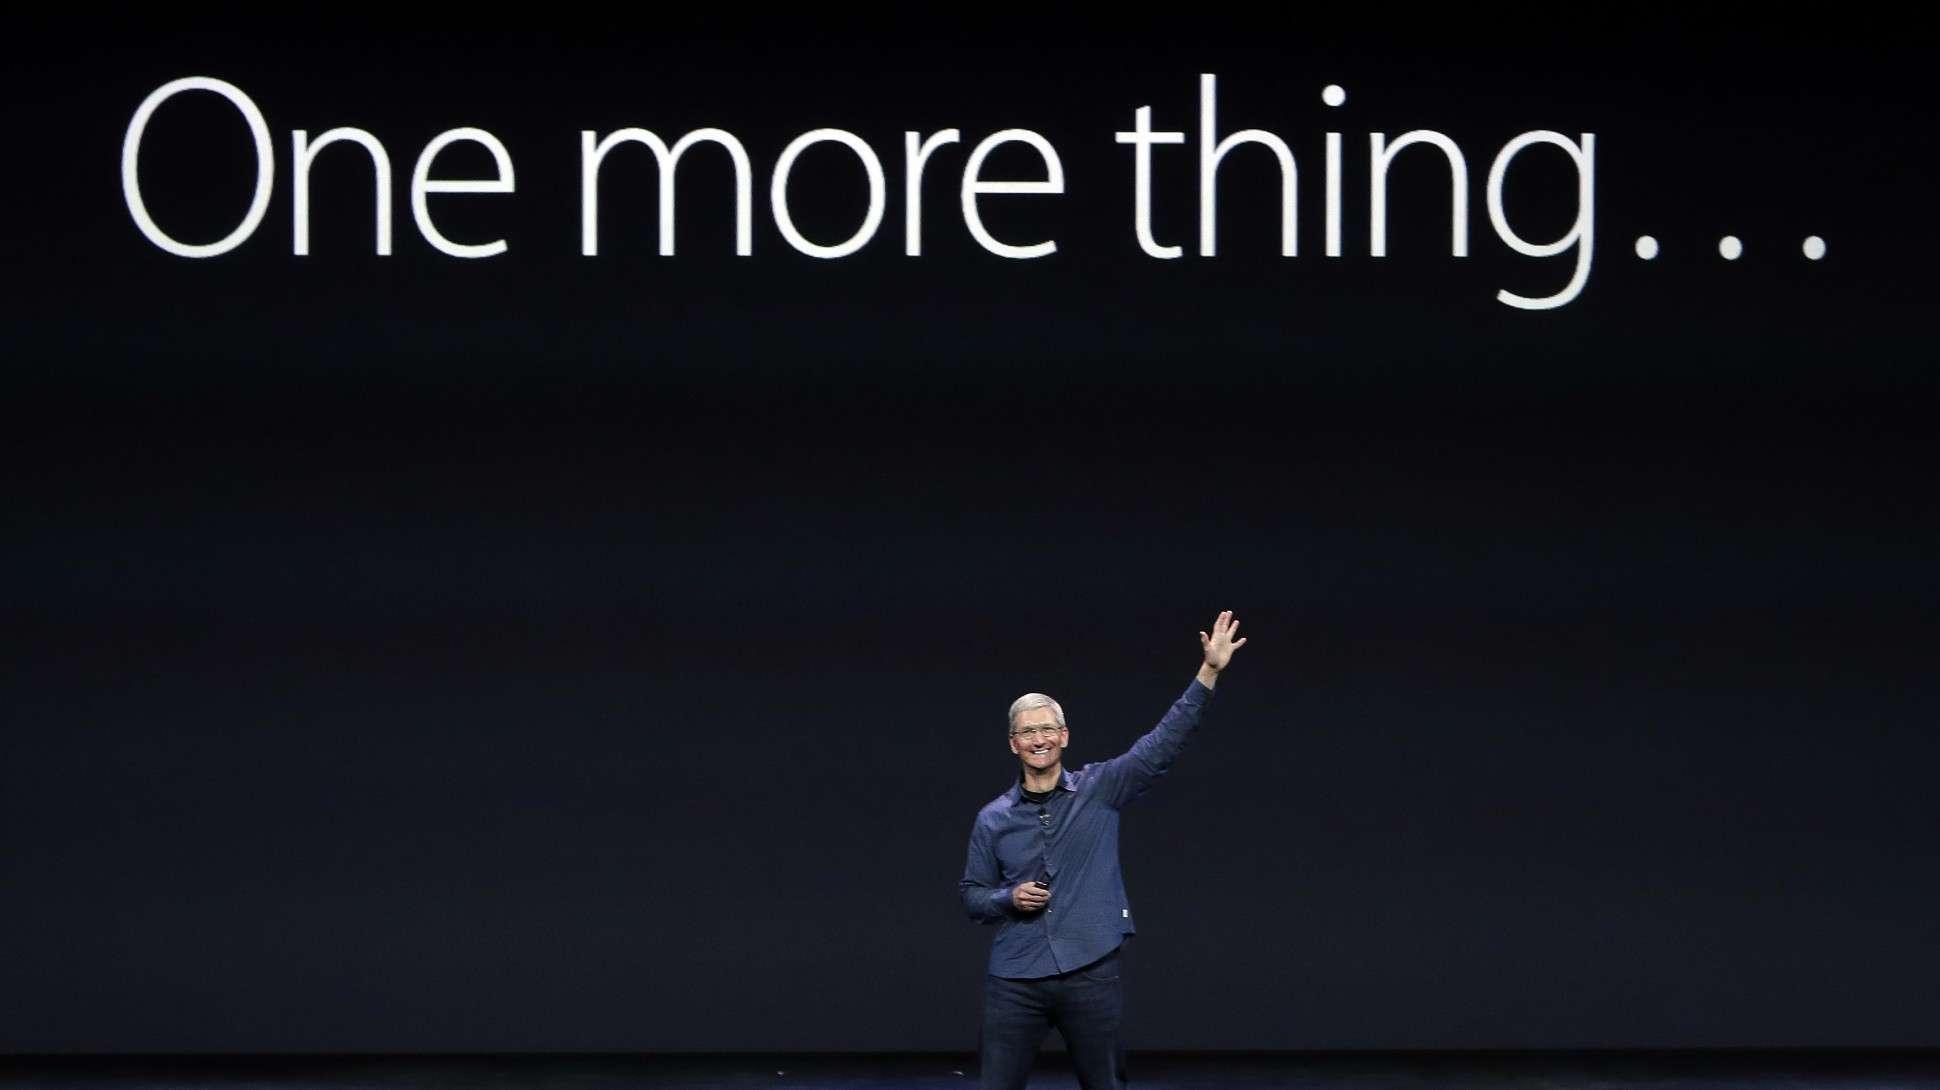 apple one more thing 2018 Les nouveaux iPhone 2018: Comment suivre la Keynote Apple 2018 en live